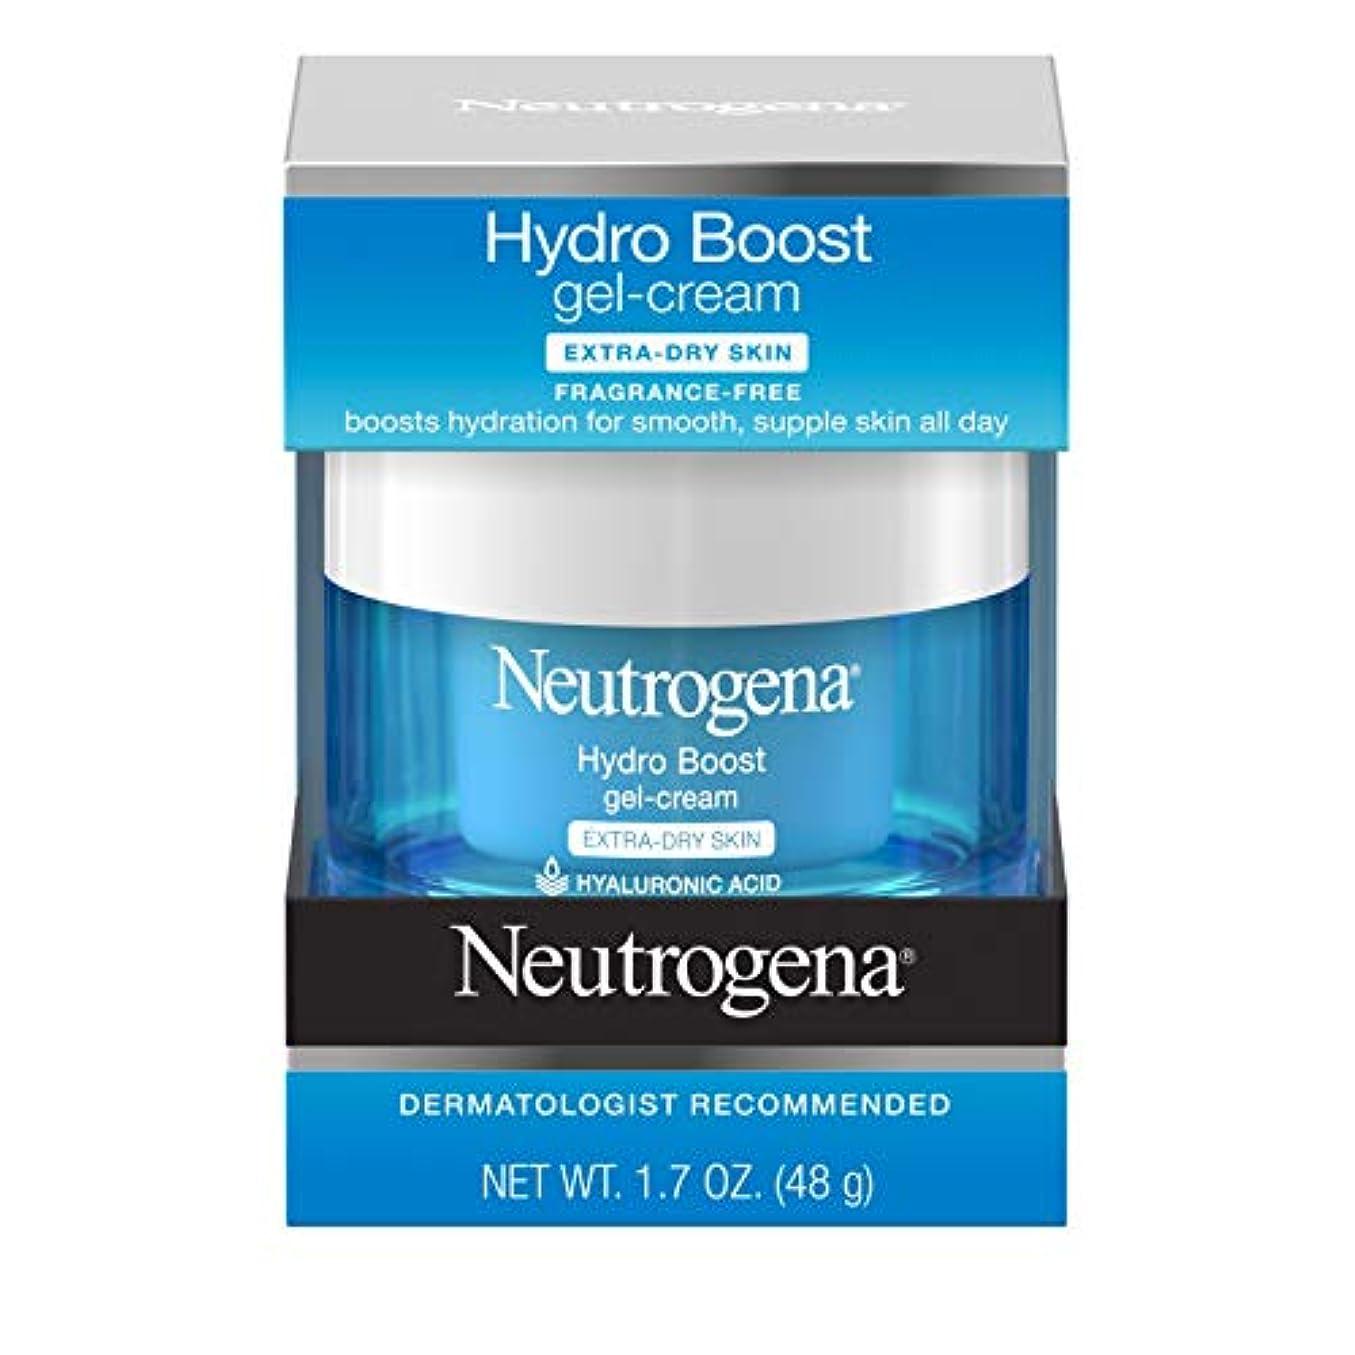 アクチュエータ正直警告Neutrogena Hydro Boost Gel Cream, Extra Dry Skin, 1.7 Ounce  海外直送品?並行輸入品